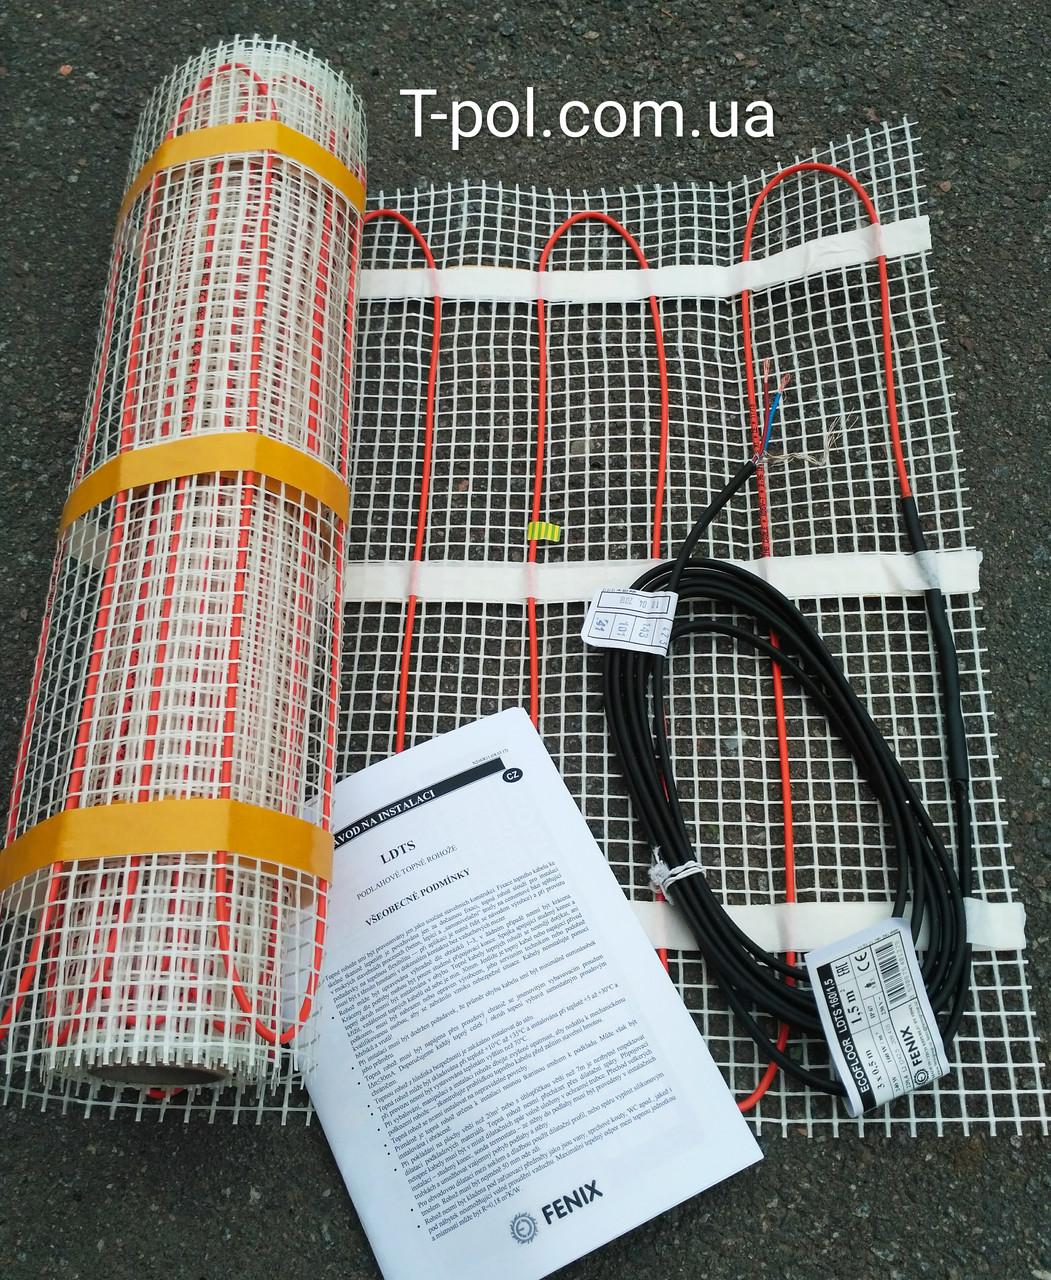 Теплый пол без стяжки нагревательный мат ldts 3,5 м2 Ecoflor Fenix Чехия